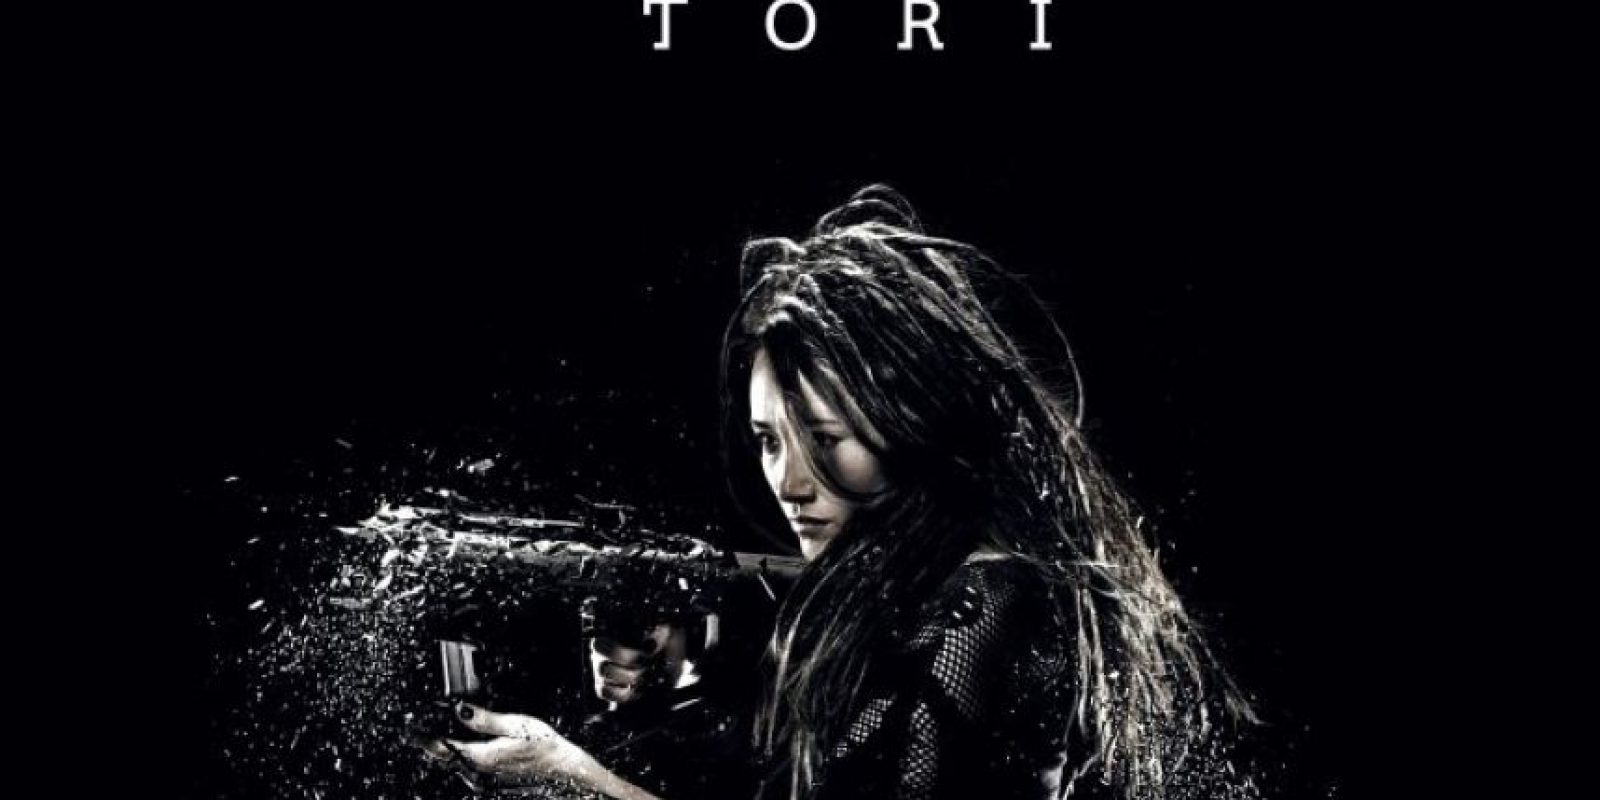 """Falta poco para que la secuela de """"Divergent"""" llegue a las salas de cine del país y sepamos cual es la verdadera misión que le espera a Tris y al resto de la pandilla"""